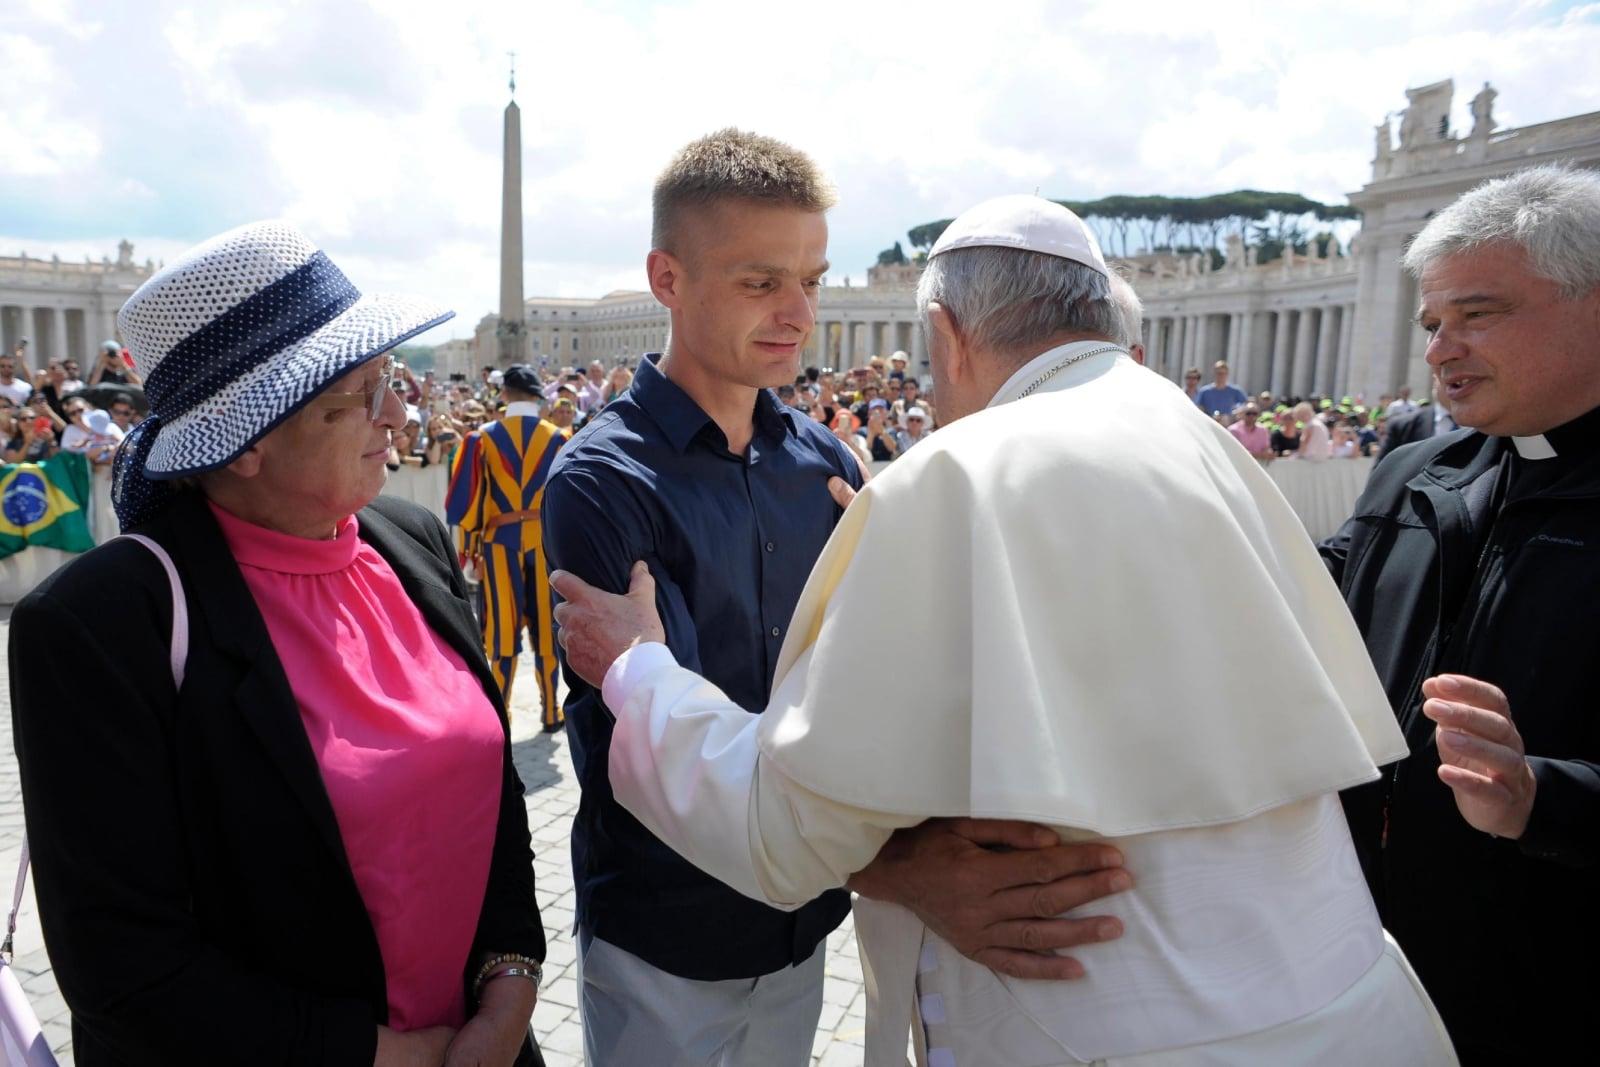 Spotkanie Tomasza Komendy z papieżem Franciszkiem podczas środowej audiencji generalnej na Placu Świętego Piotra, Watykan, fot. EPA/VATICAN MEDIA